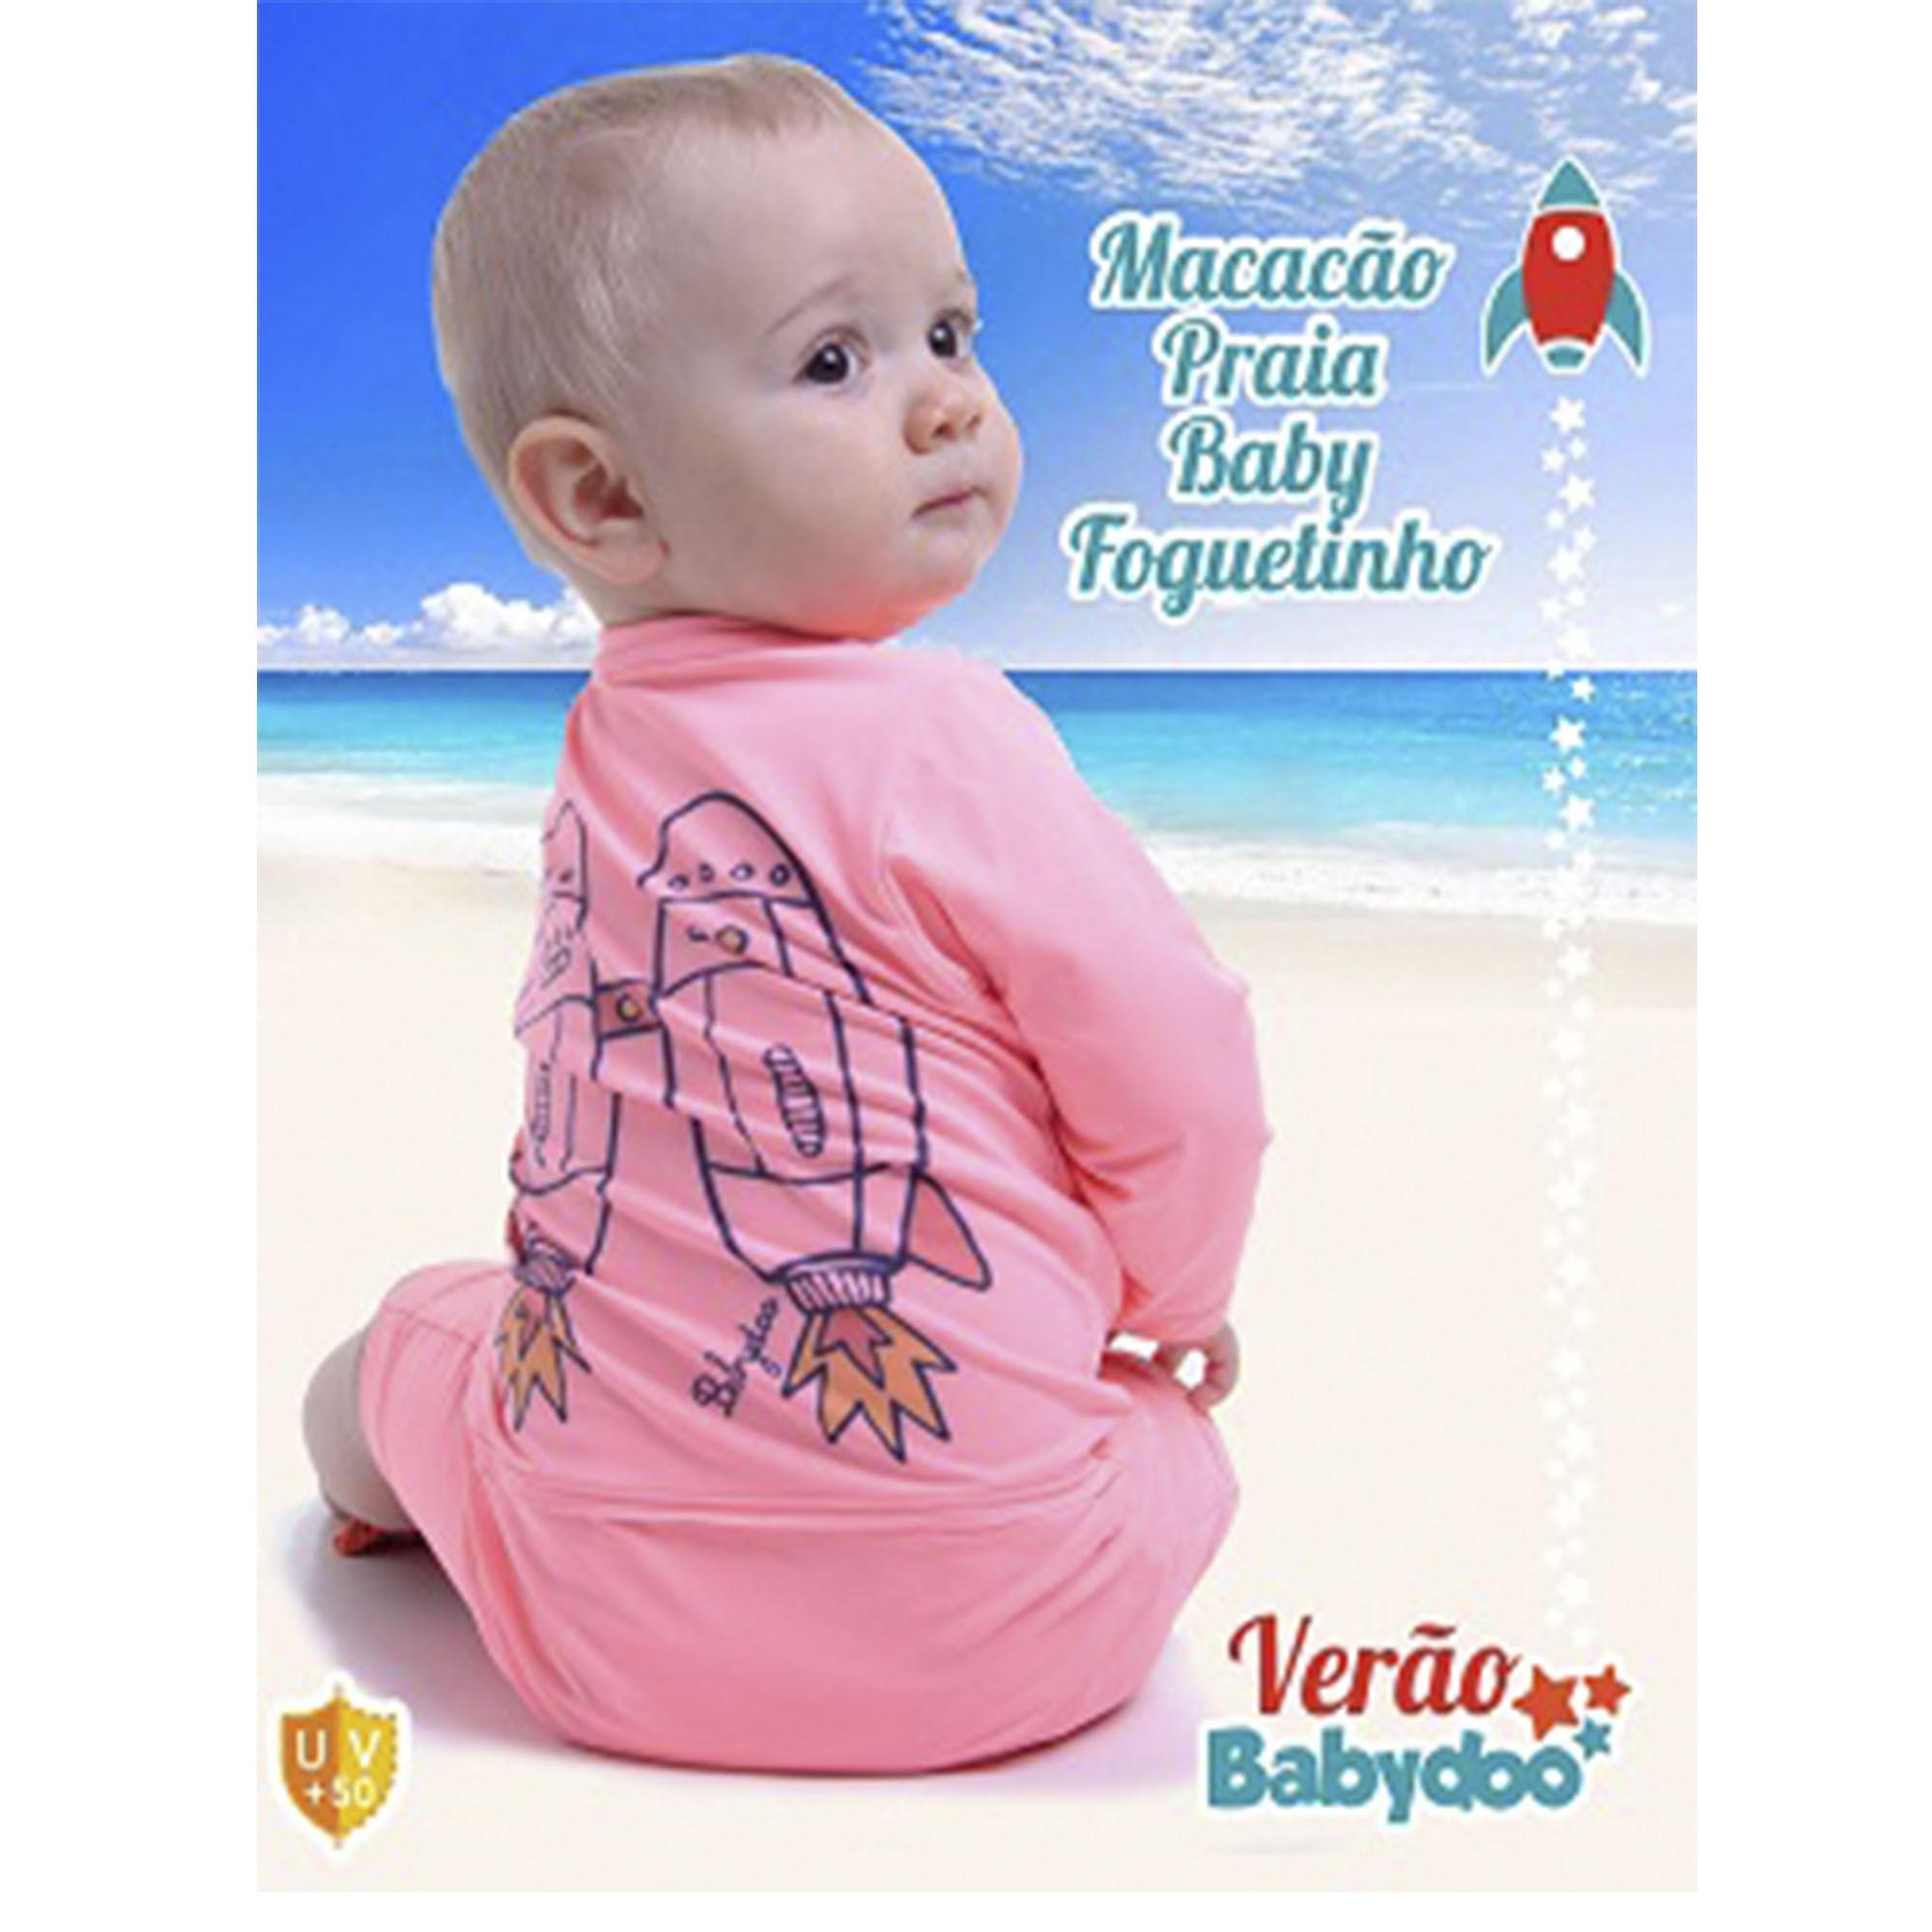 MACACÃO PRAIA FOGUETINHO BABY